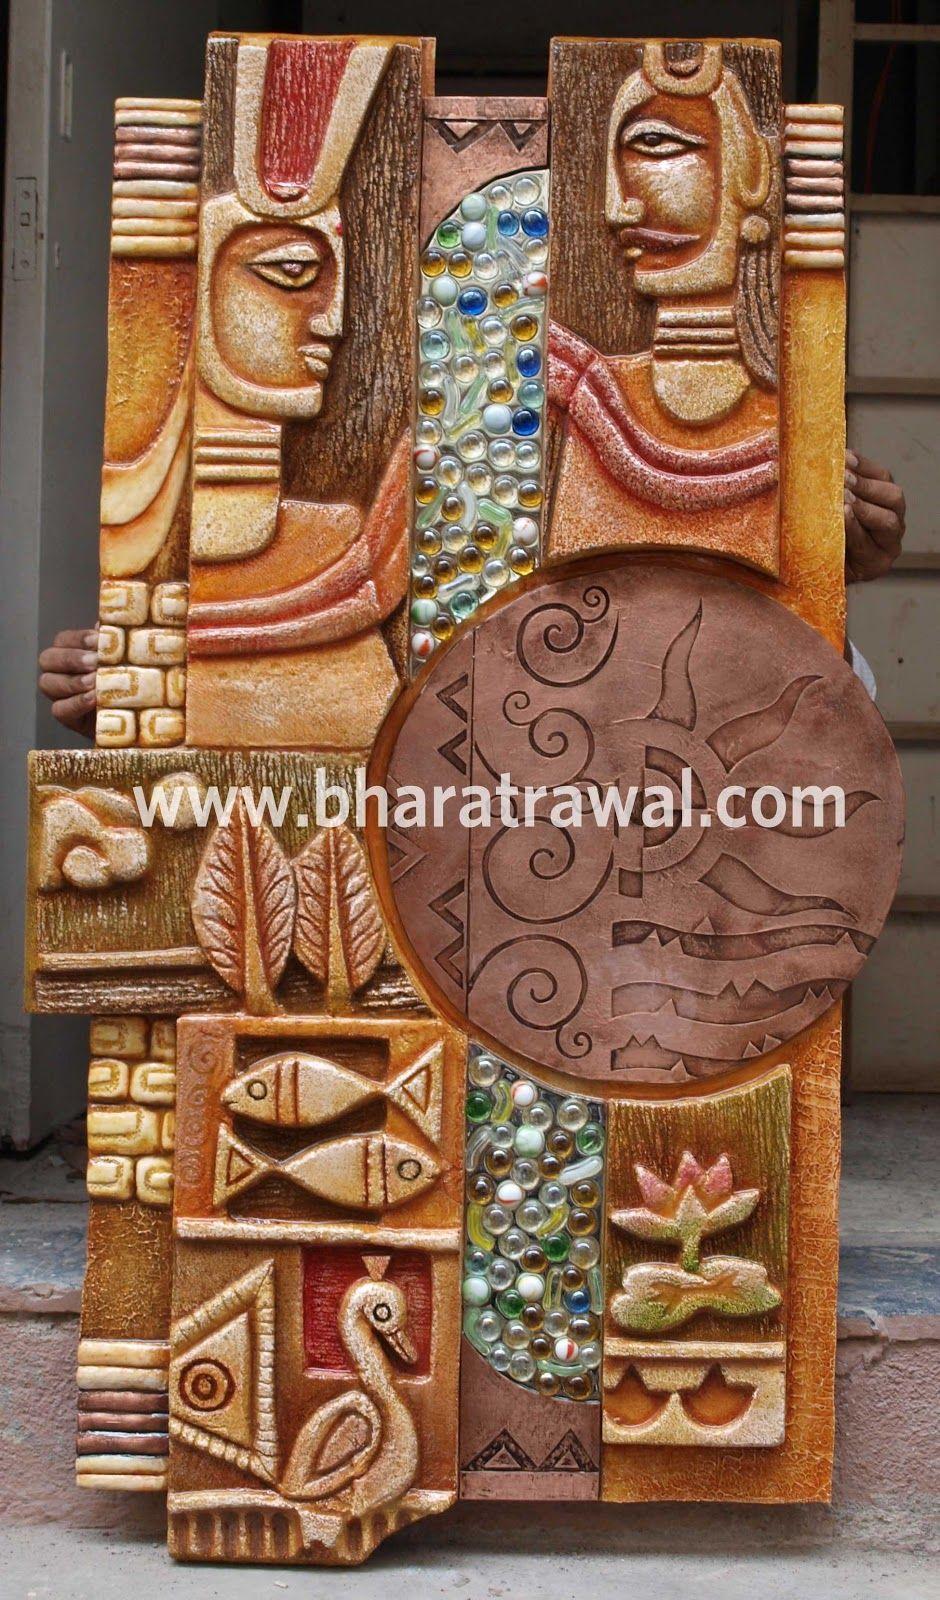 Mural art by muralguru bharat rawal december 2012 for Arts and crafts mural